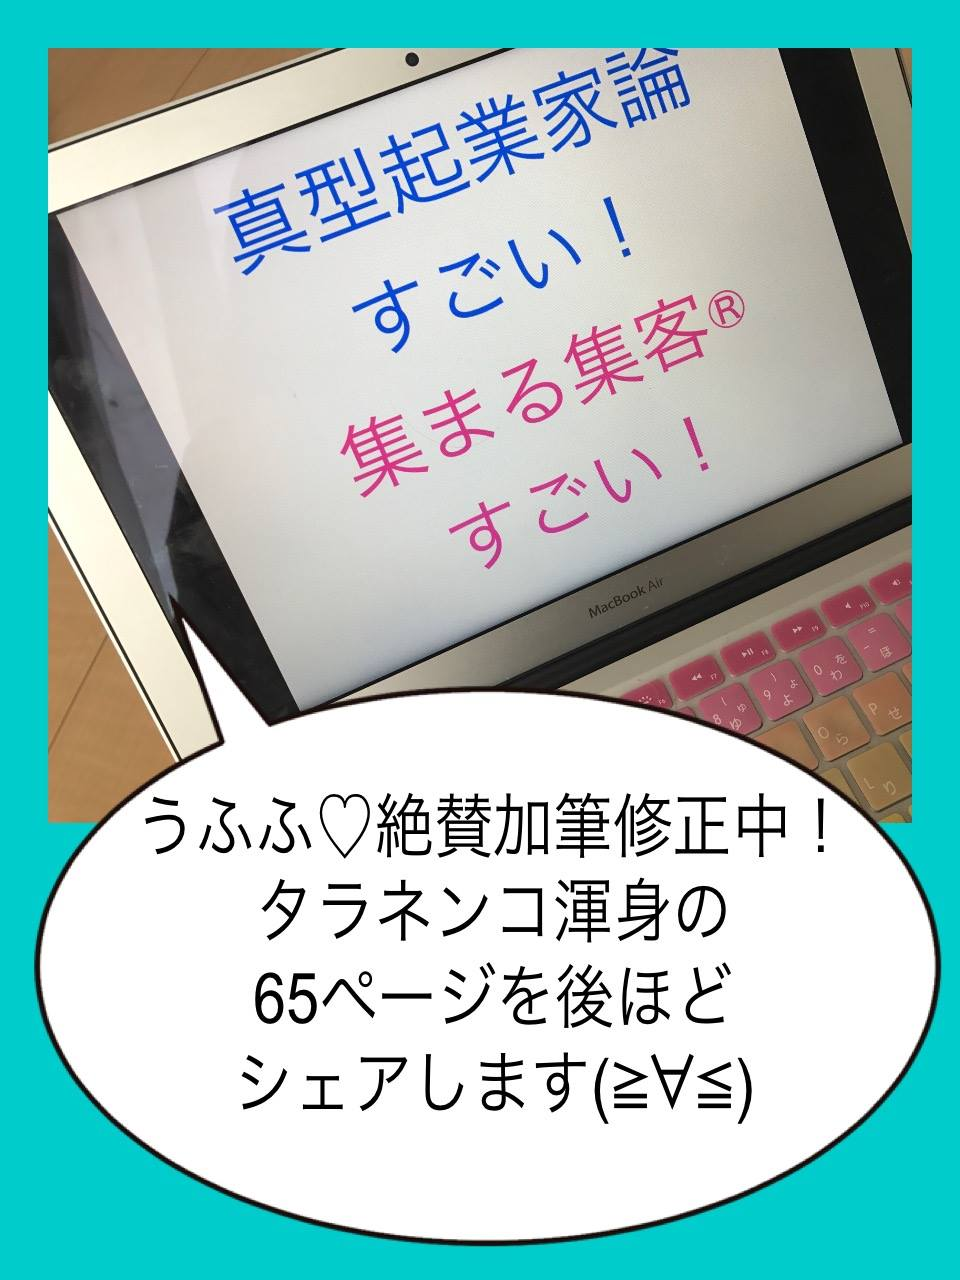 タラネンコさん発表.jpg